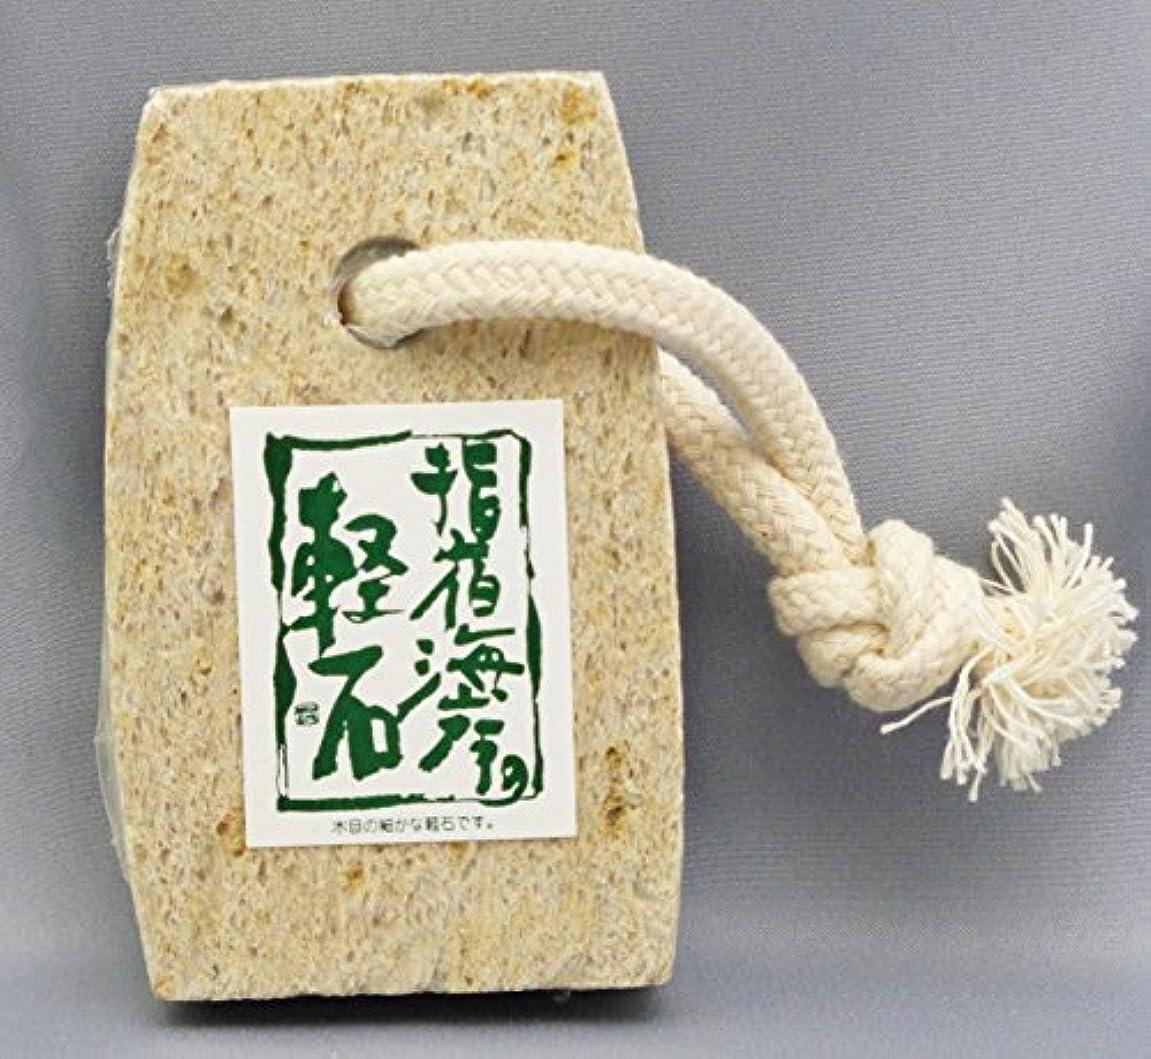 気をつけて散歩読みやすいシオザキ No.3 中判軽石 (ヒモ付き)指宿の軽石